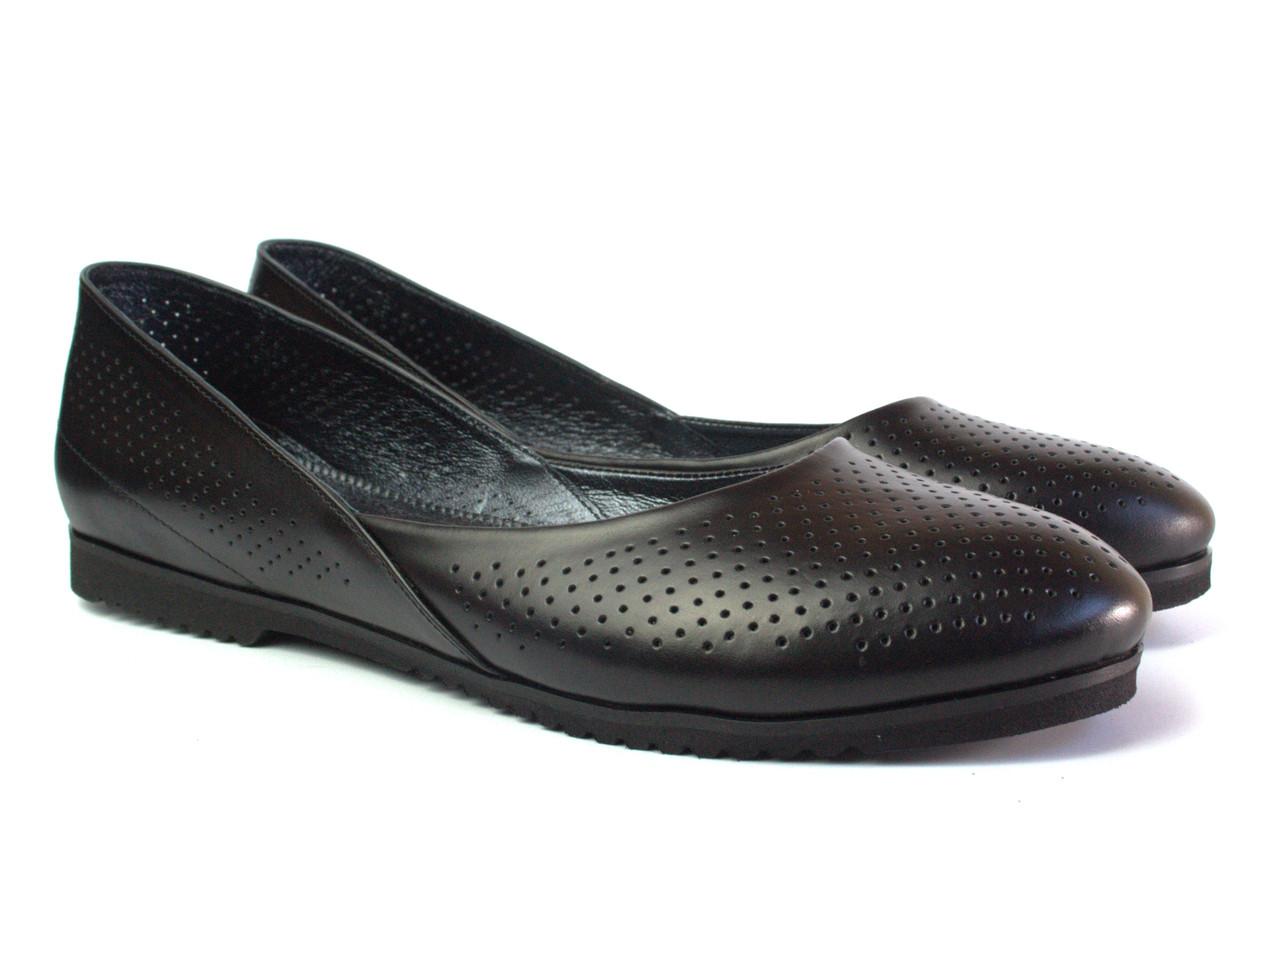 Балетки женская обувь больших размеров Scara U Black Perf Leather by Rosso Avangard BS черные летние